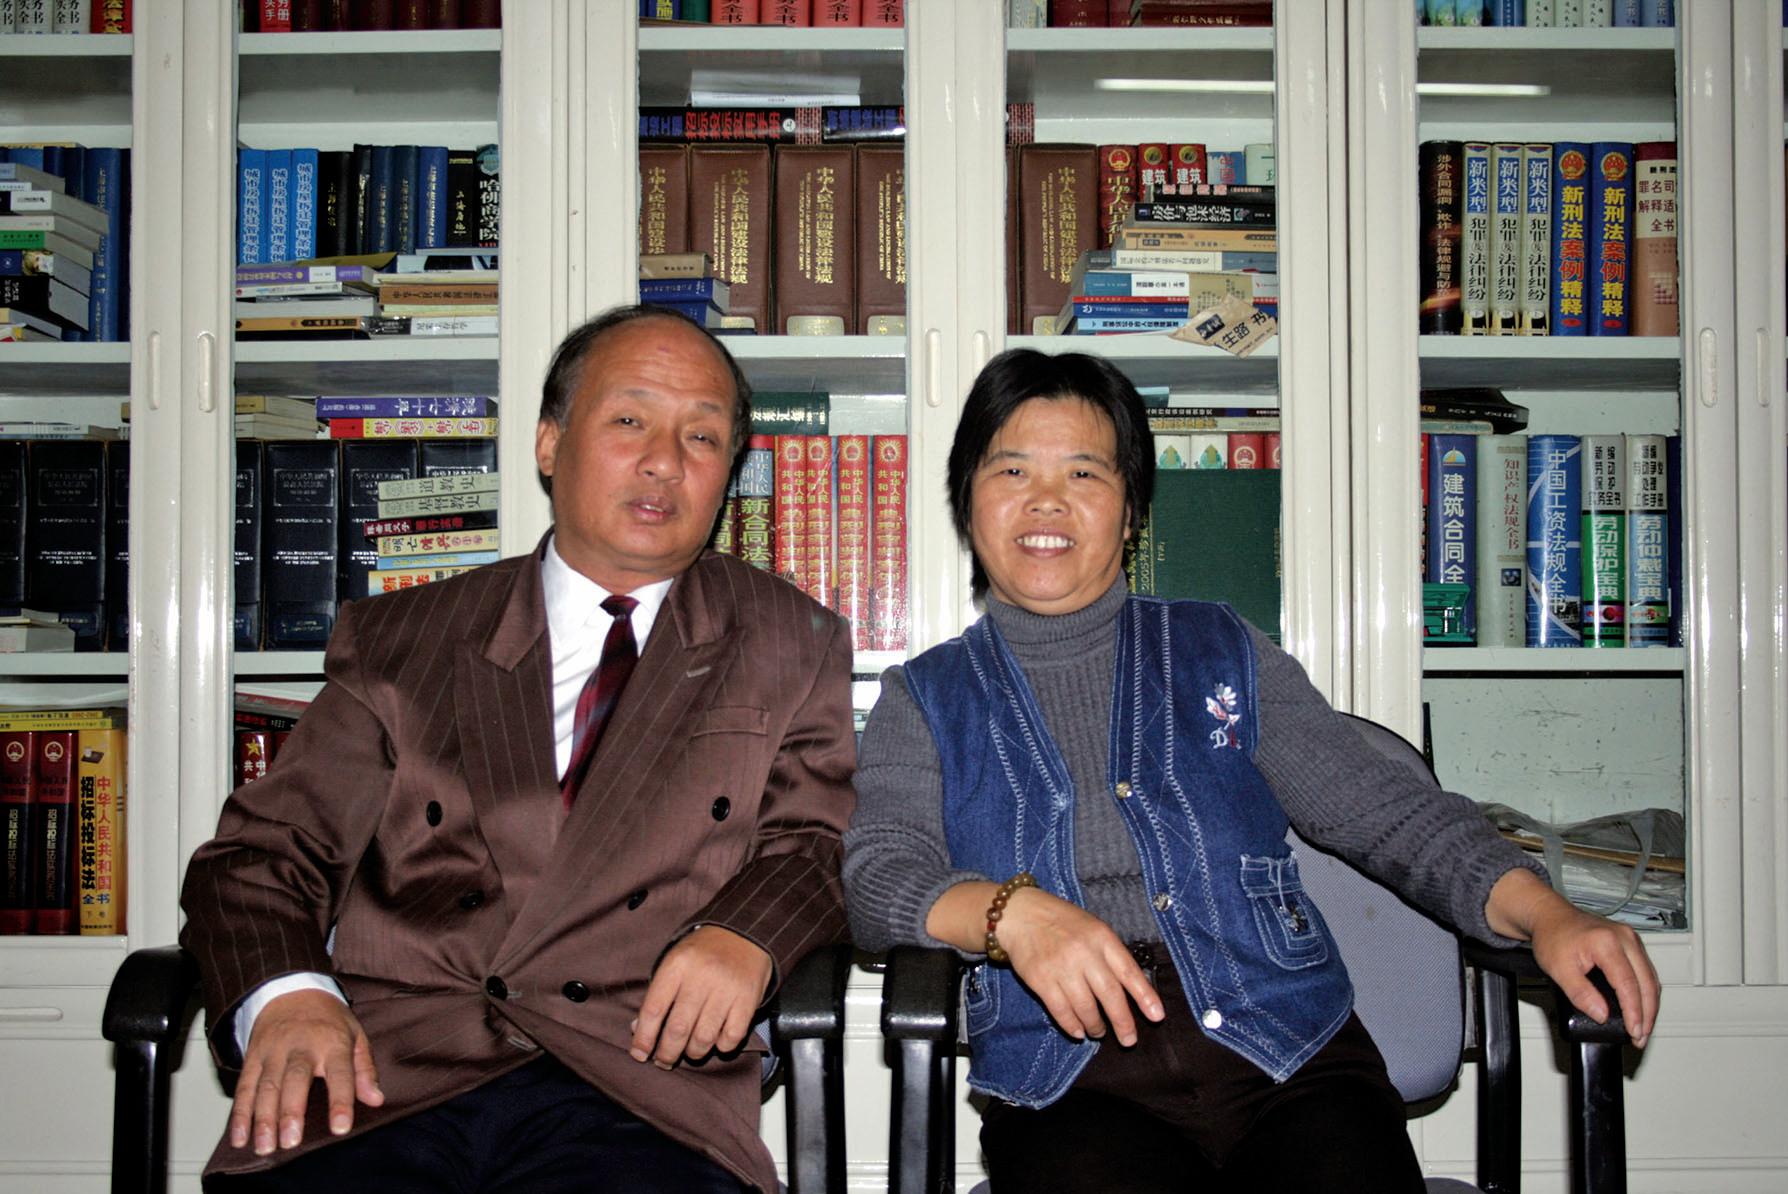 上海著名維權律師鄭恩寵(左)說,習近平反腐不把江澤民勢力搞掉,大家不服,中共內部也不服。右為鄭恩寵太太蔣美麗。(大紀元資料室)